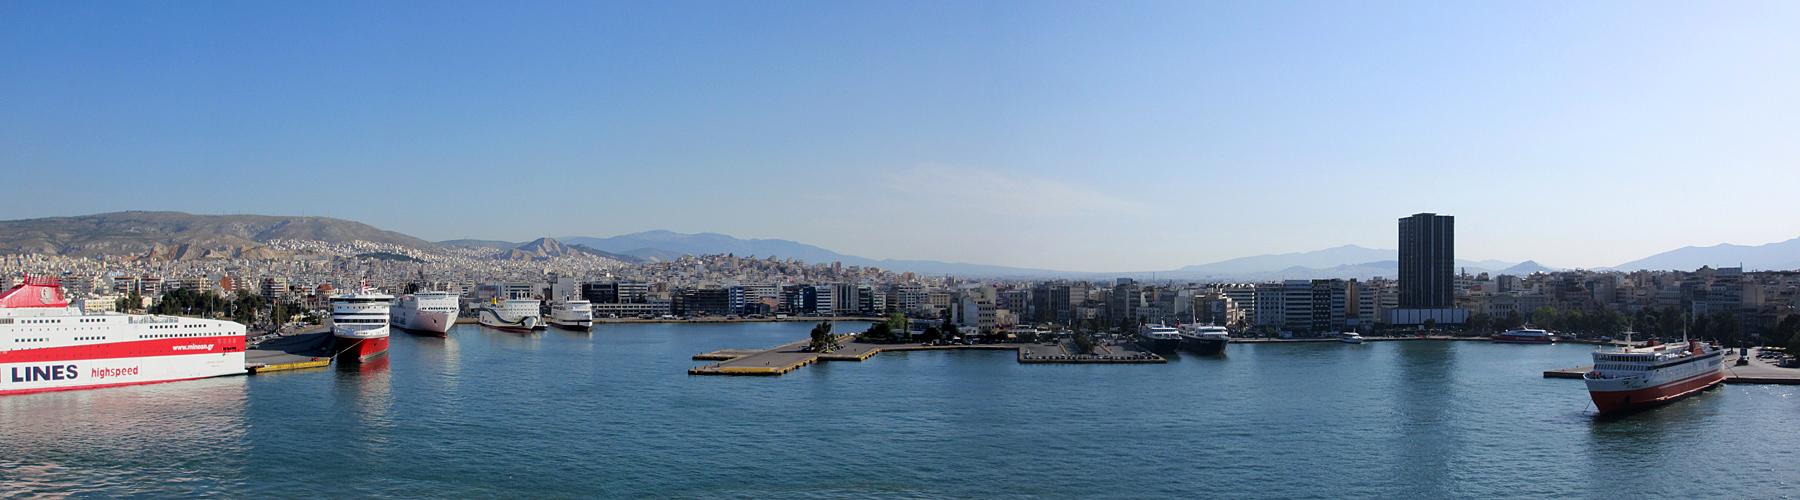 Hafeneinfahrt in Piraeus